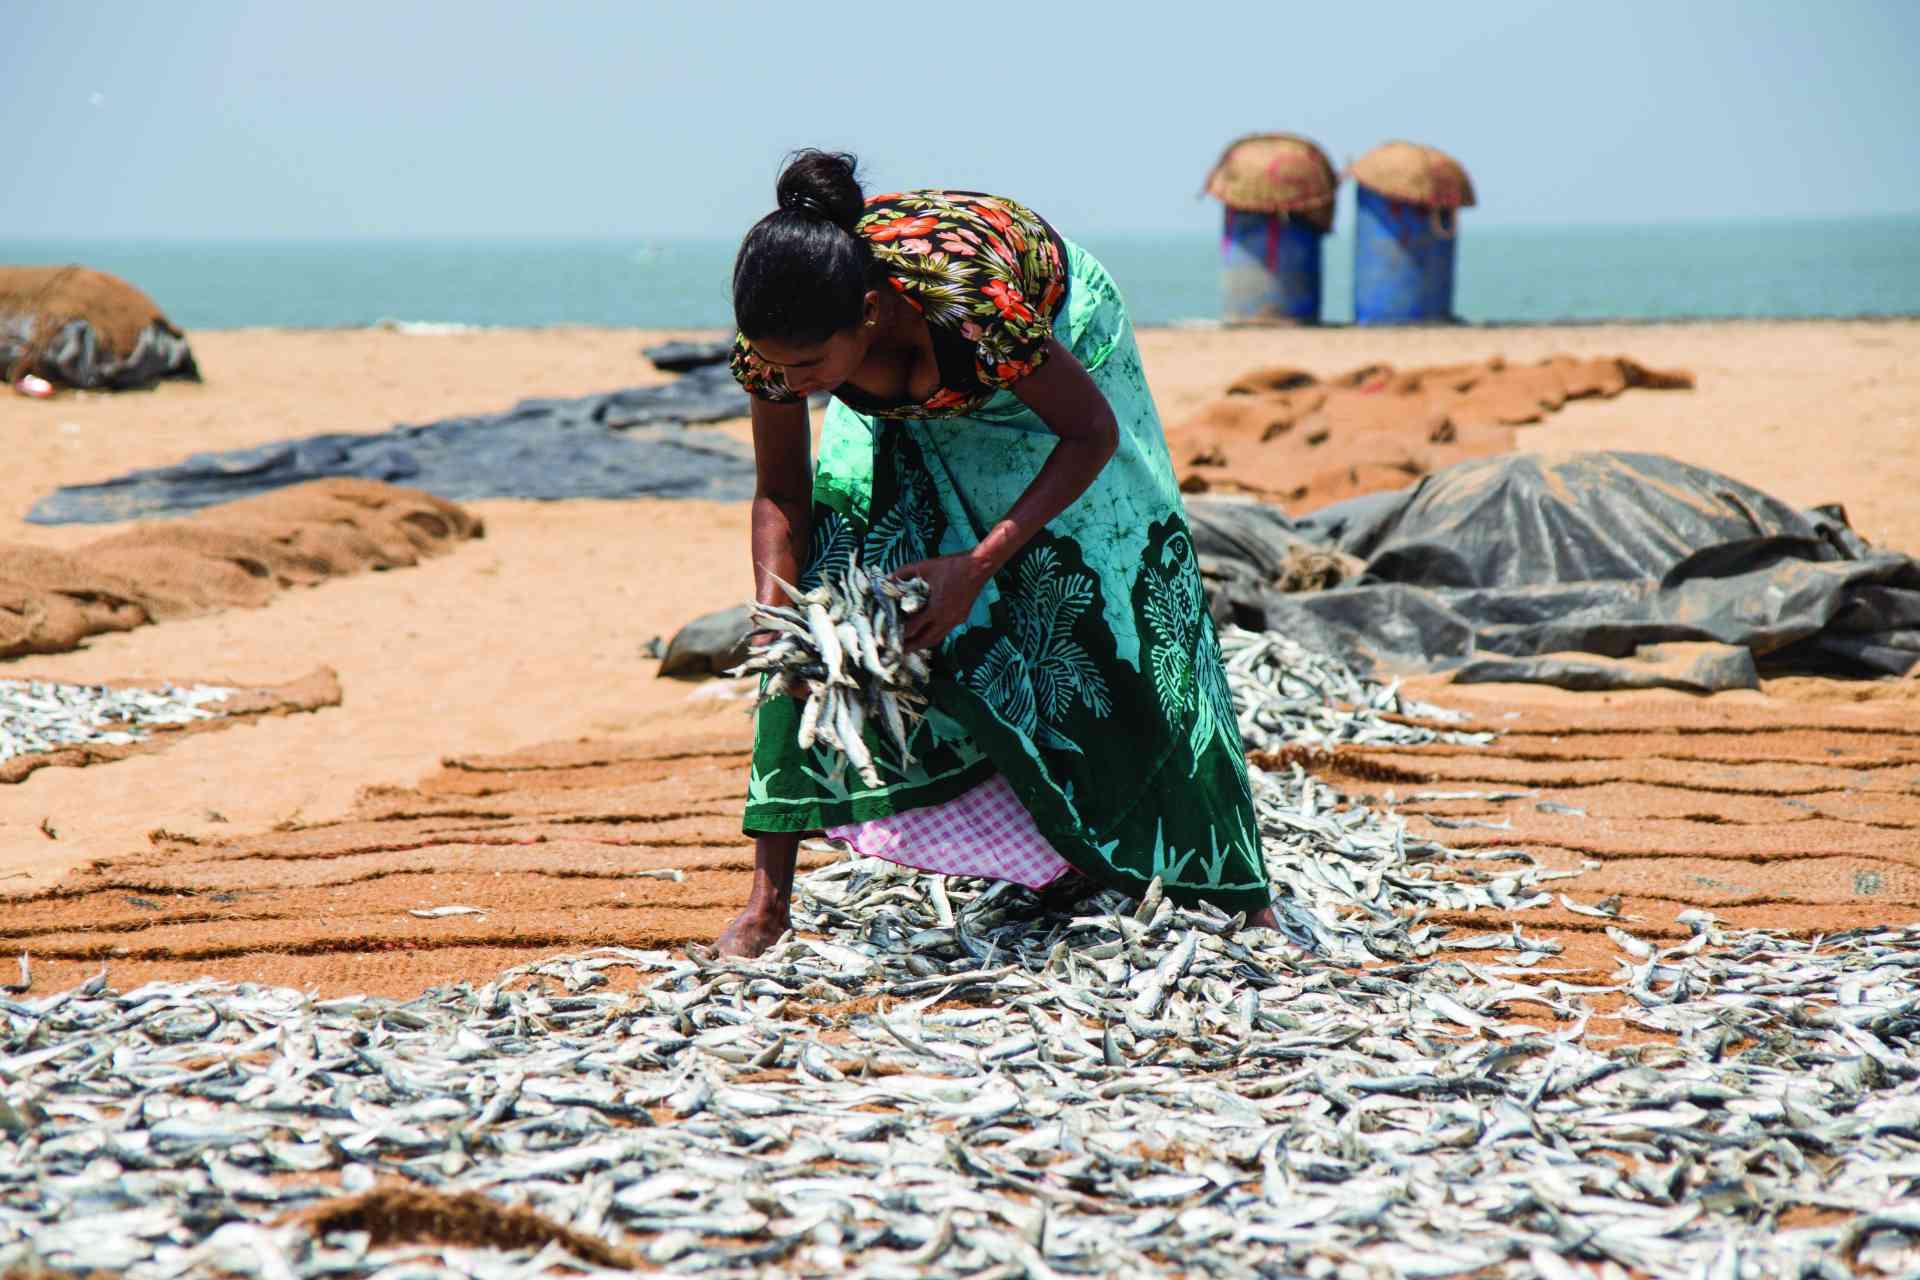 Negombo Fish Markets, Sri Lanka by David Hein